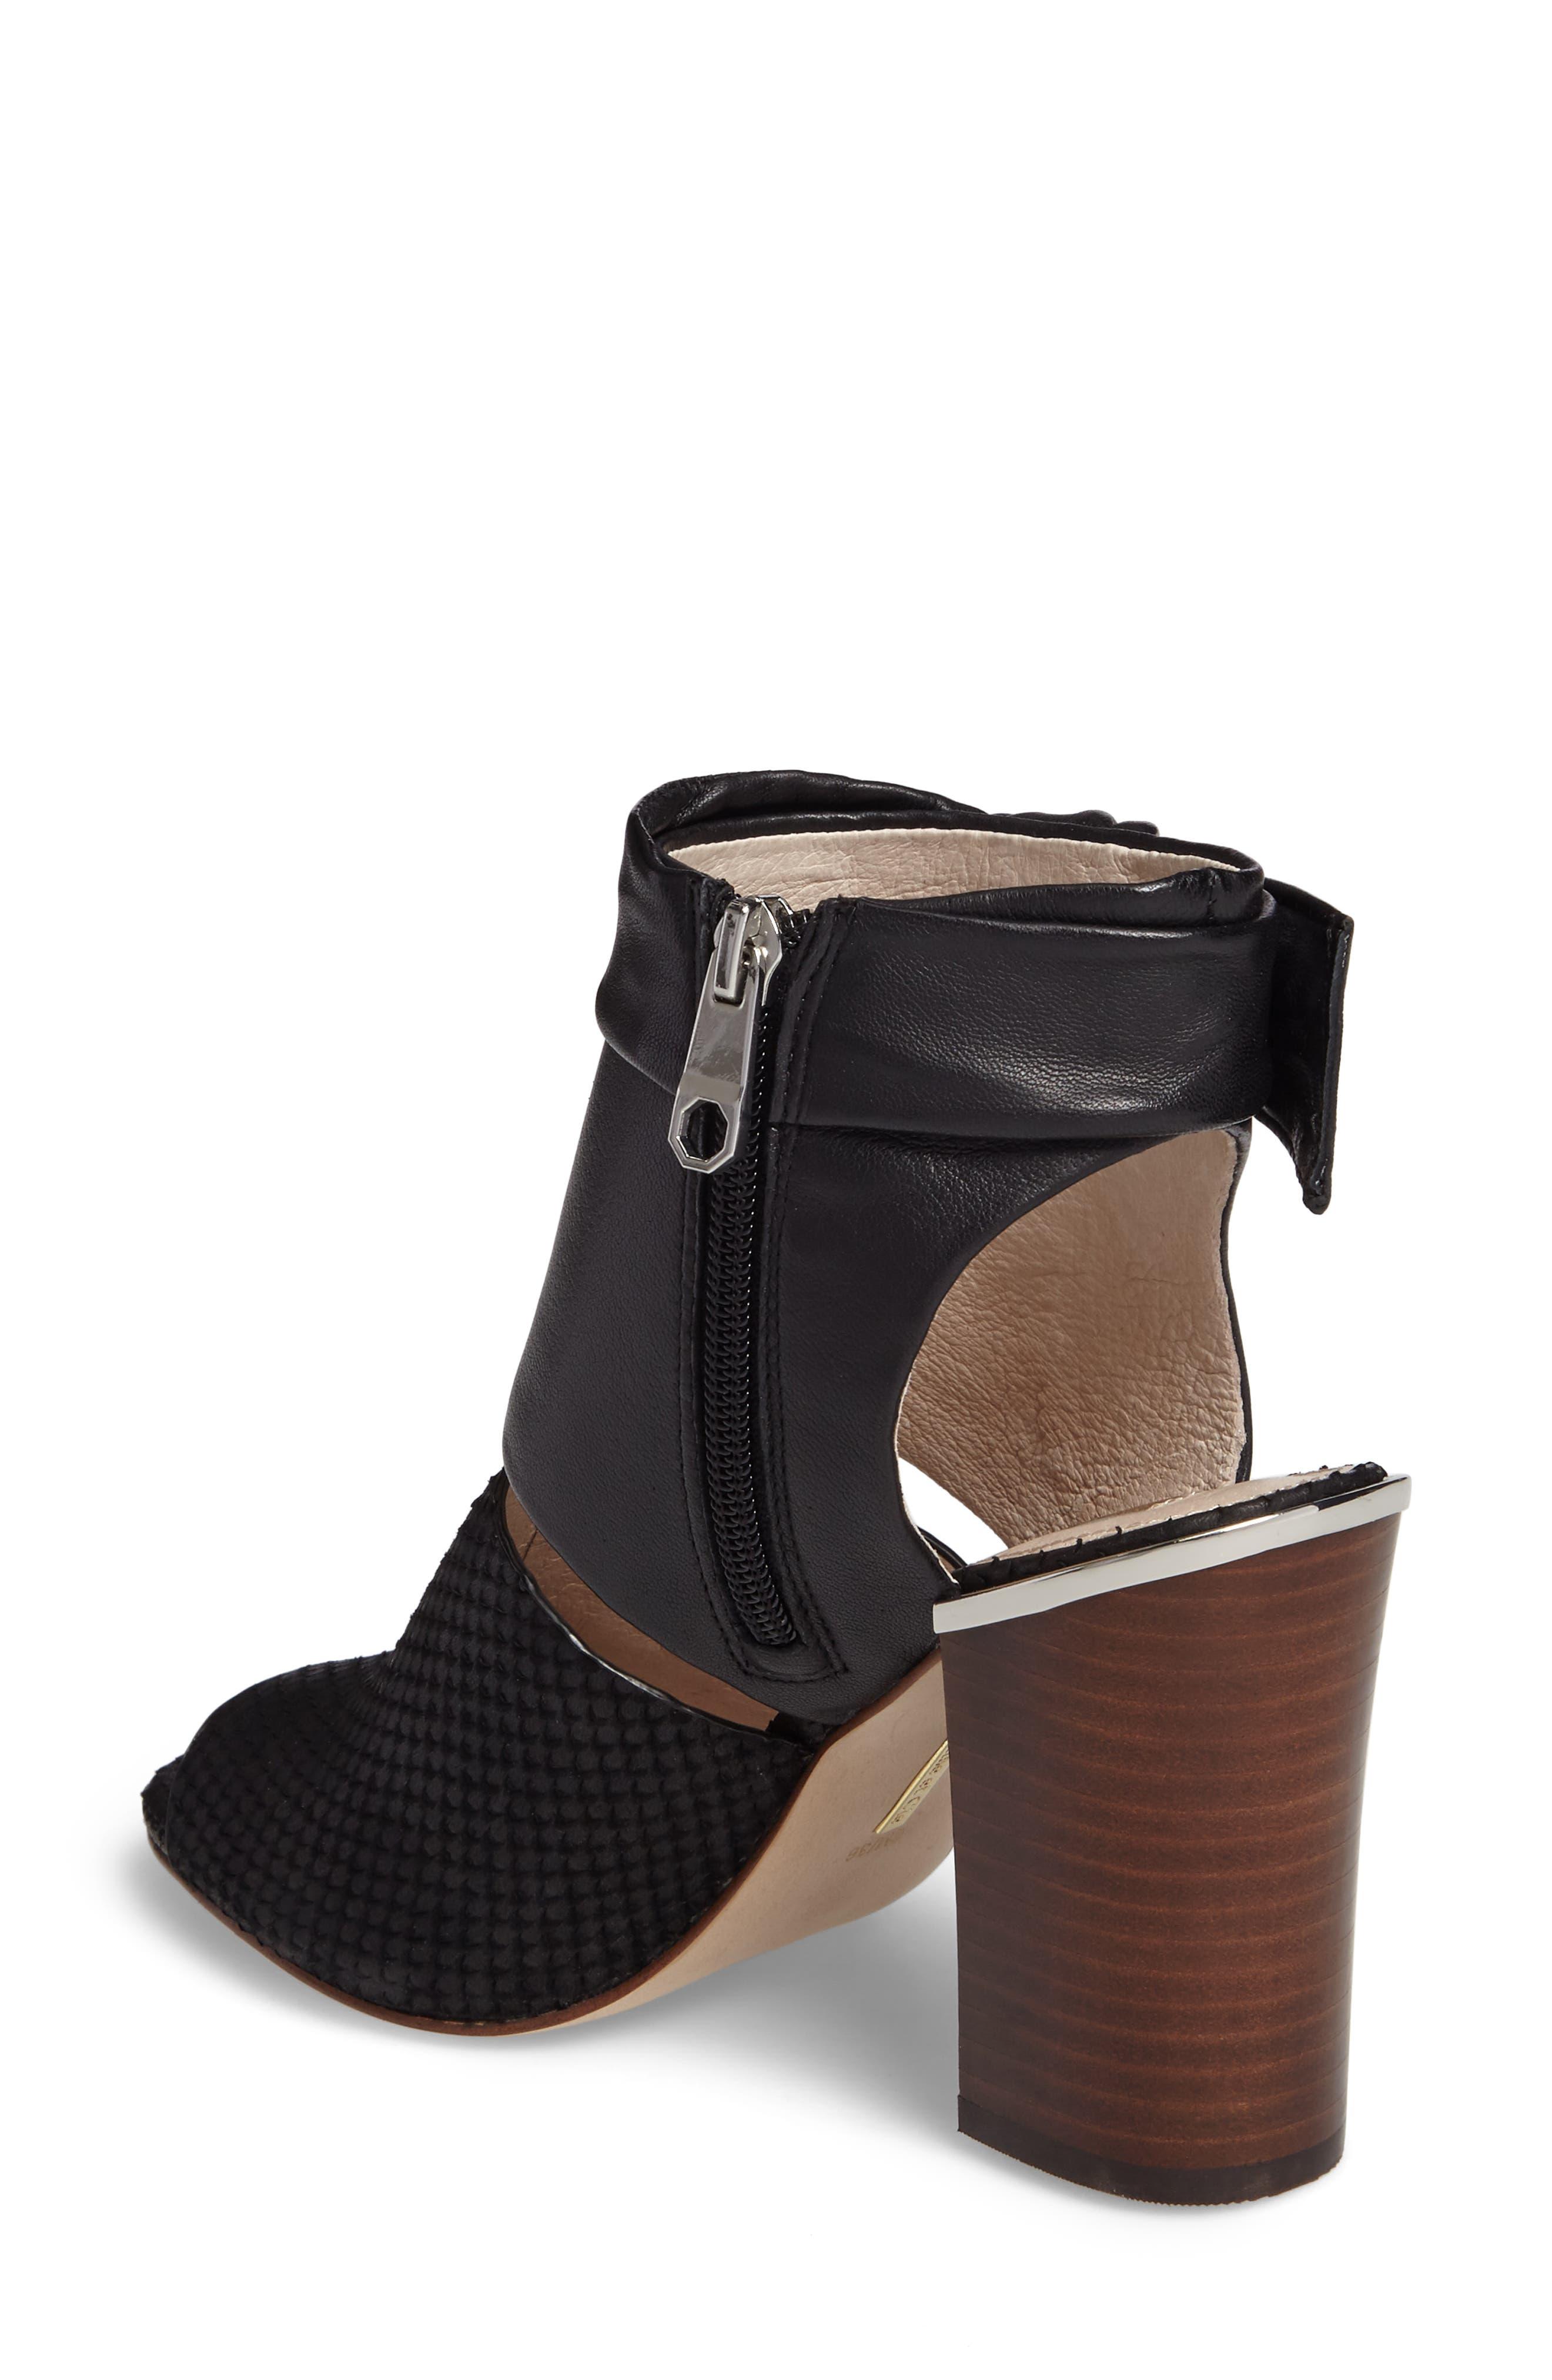 Louise et Cit Katlin Block Heel Sandal,                             Alternate thumbnail 2, color,                             001